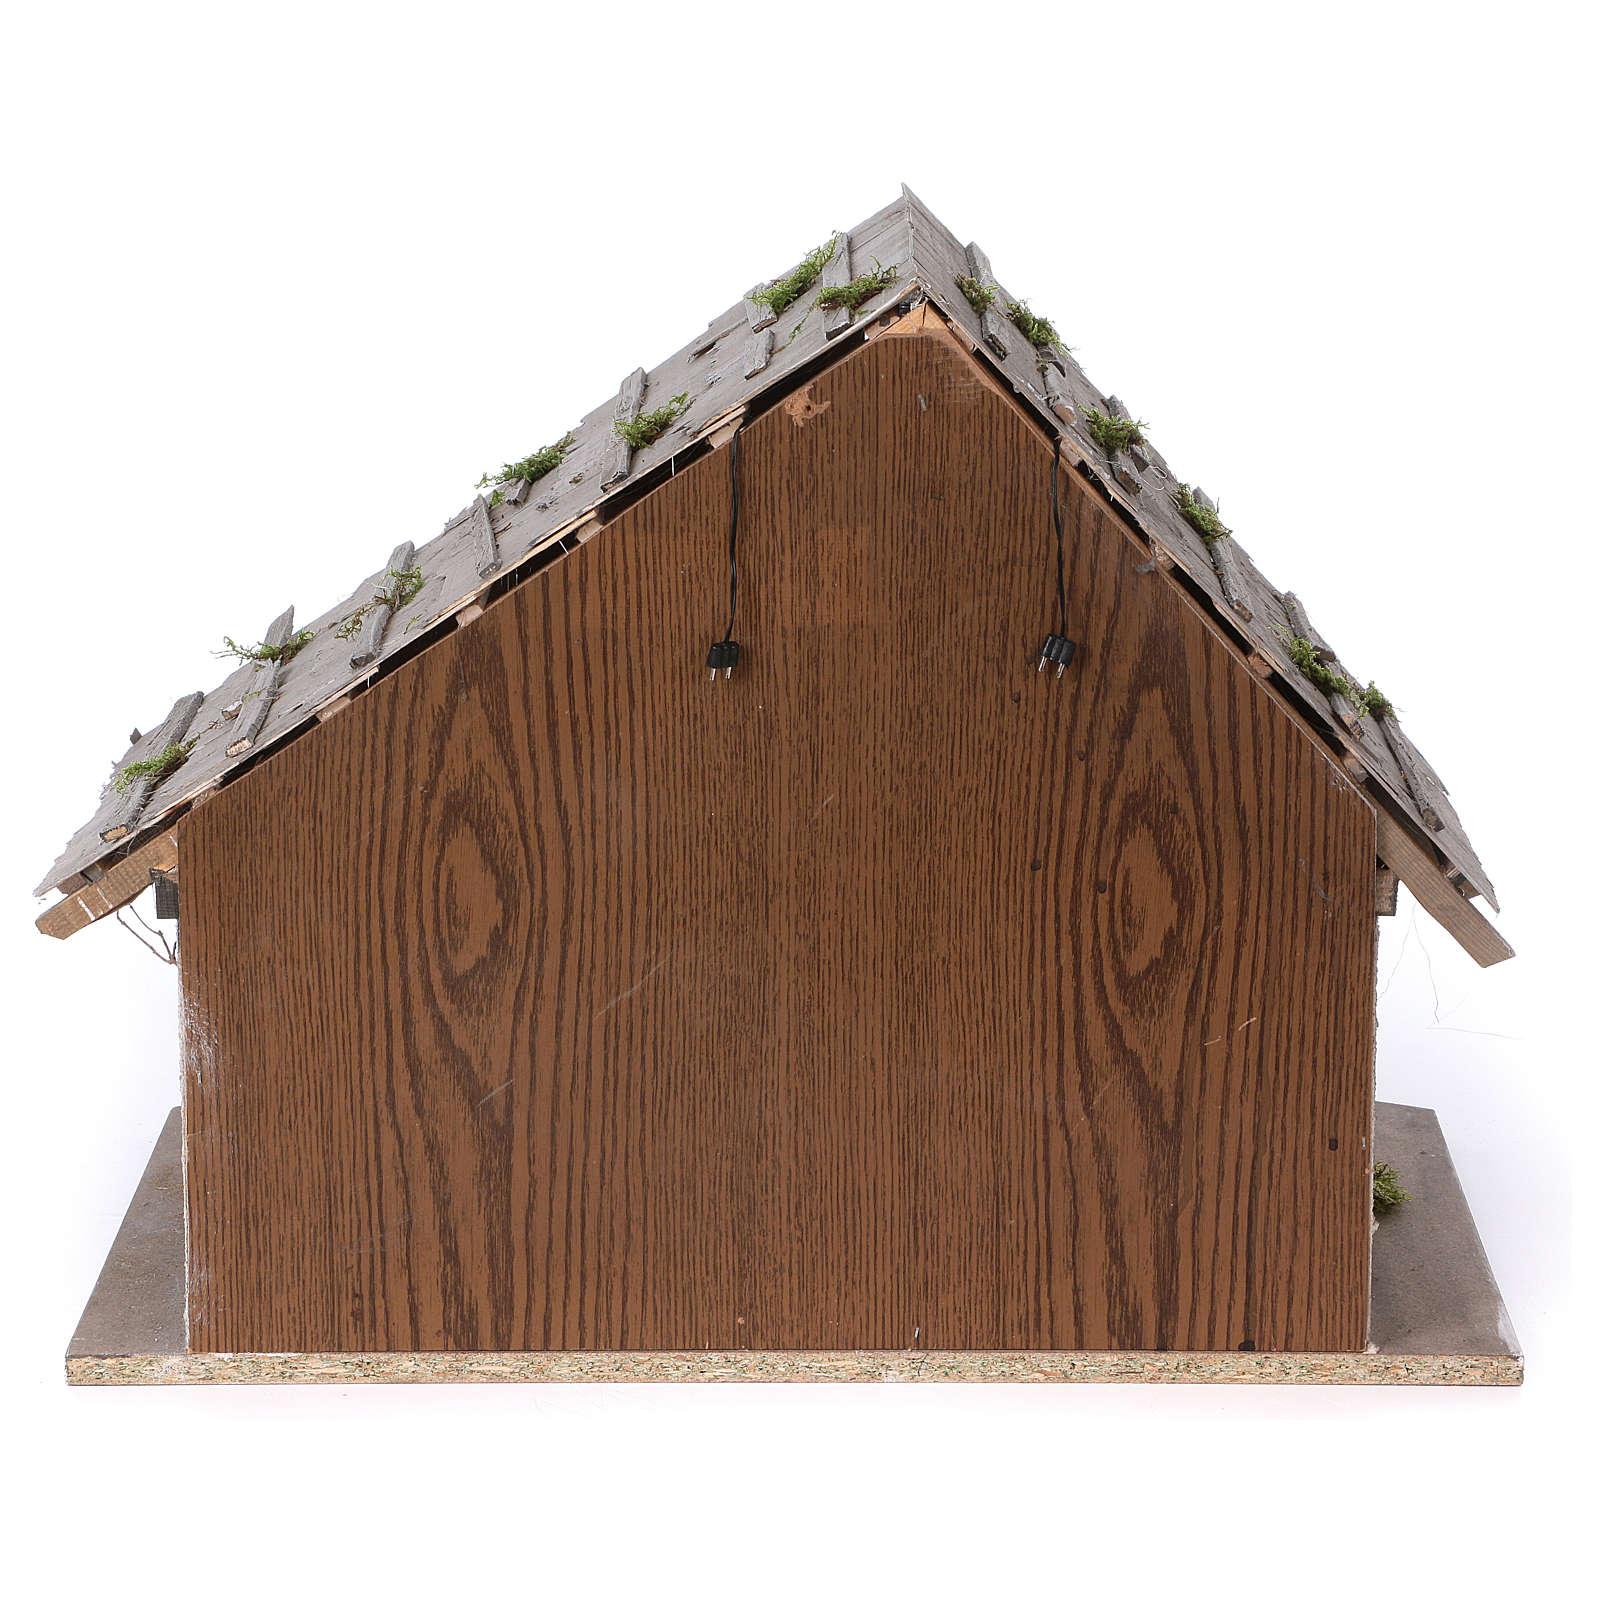 Stalla modello Pirk in legno con luce per presepe 10-13 cm 4